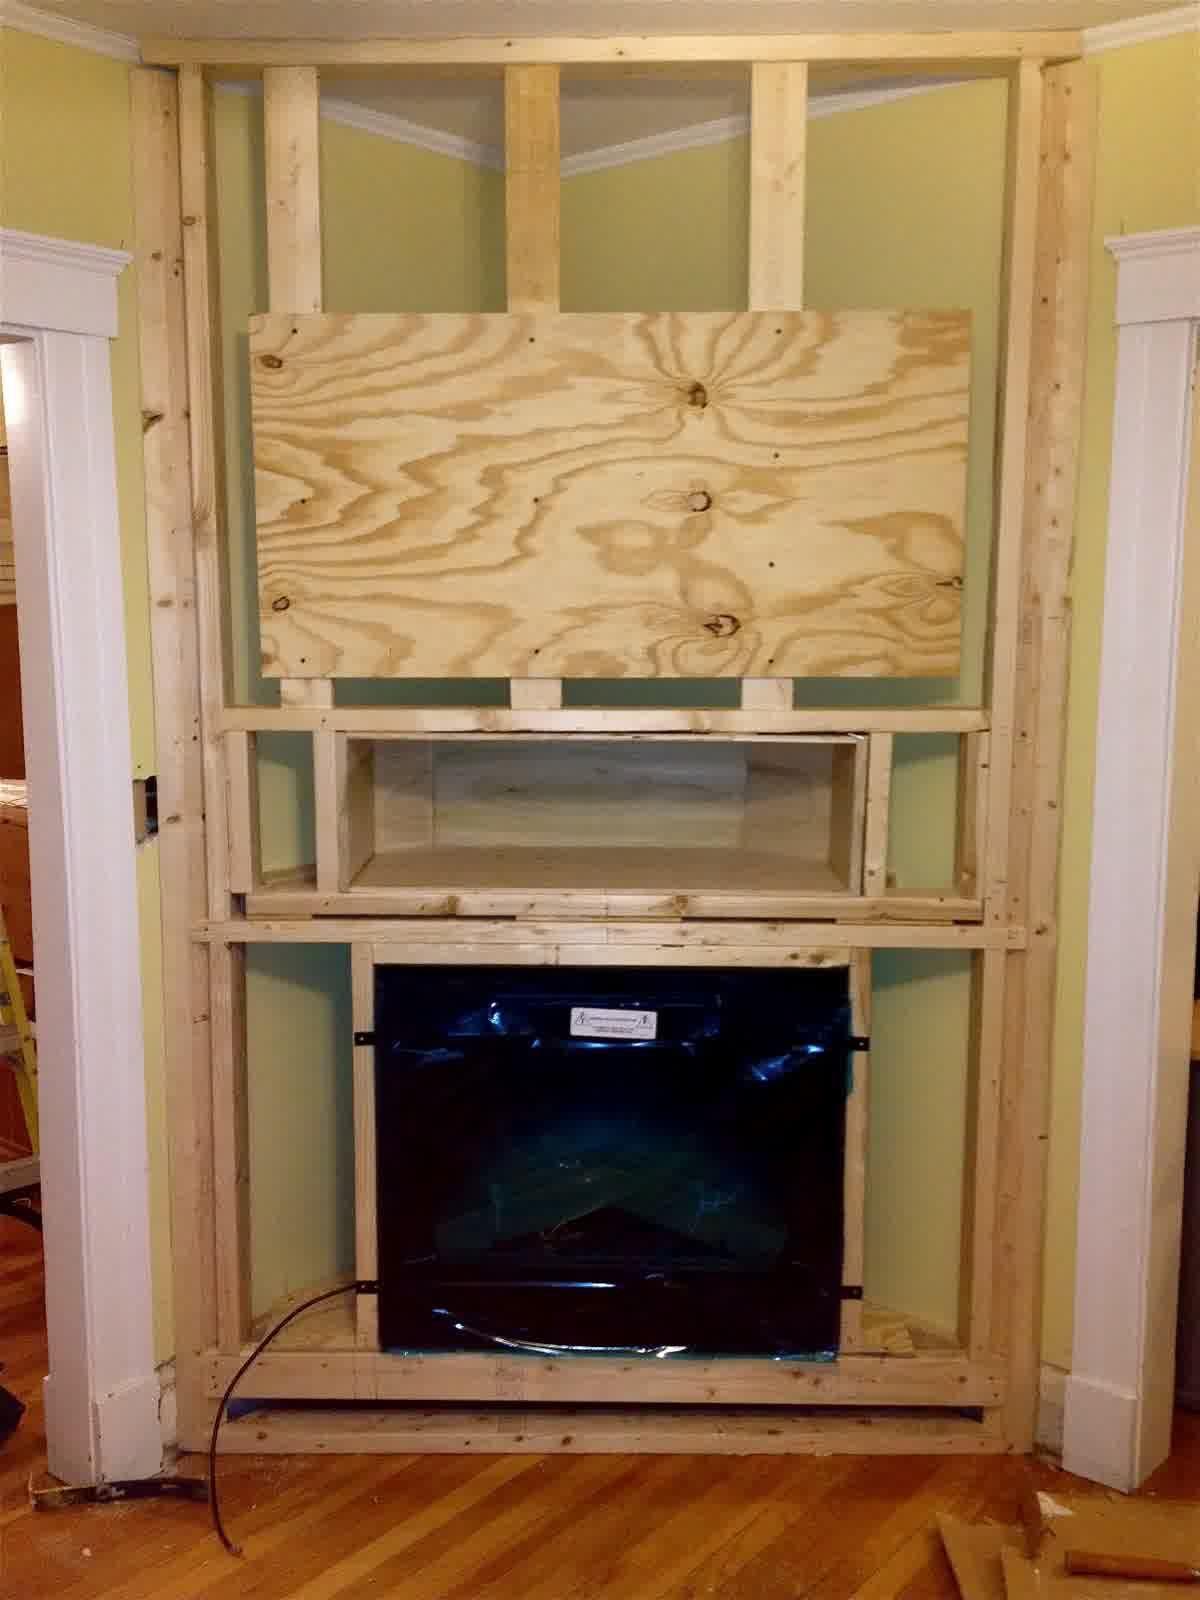 electric fireplace design ideas - Electric Fireplace Design Ideas